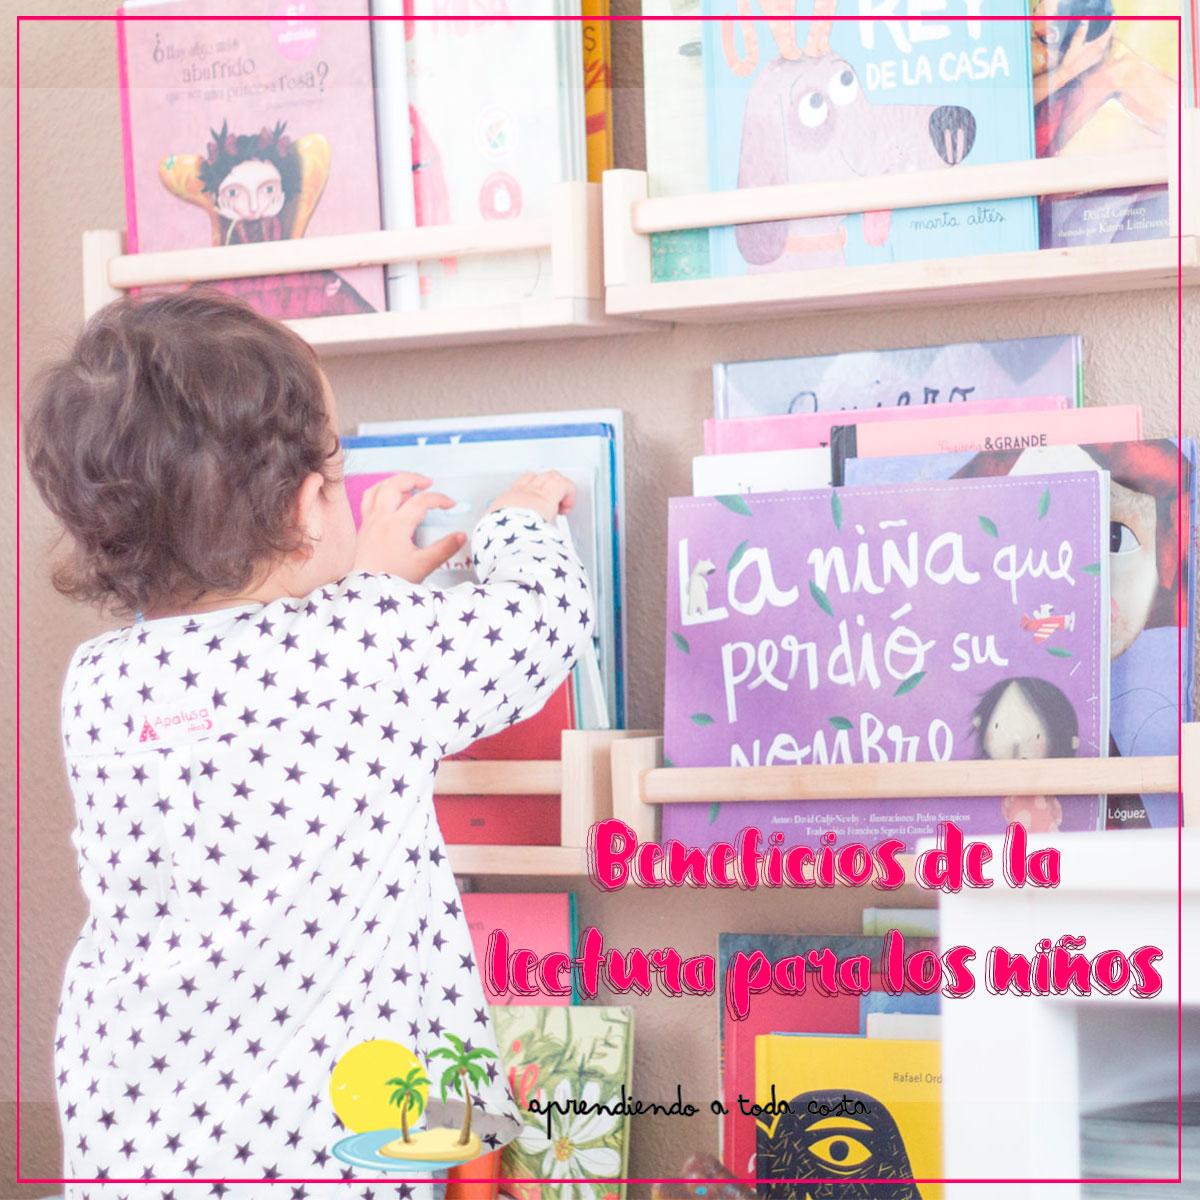 Beneficios de la lectura niños miniatura